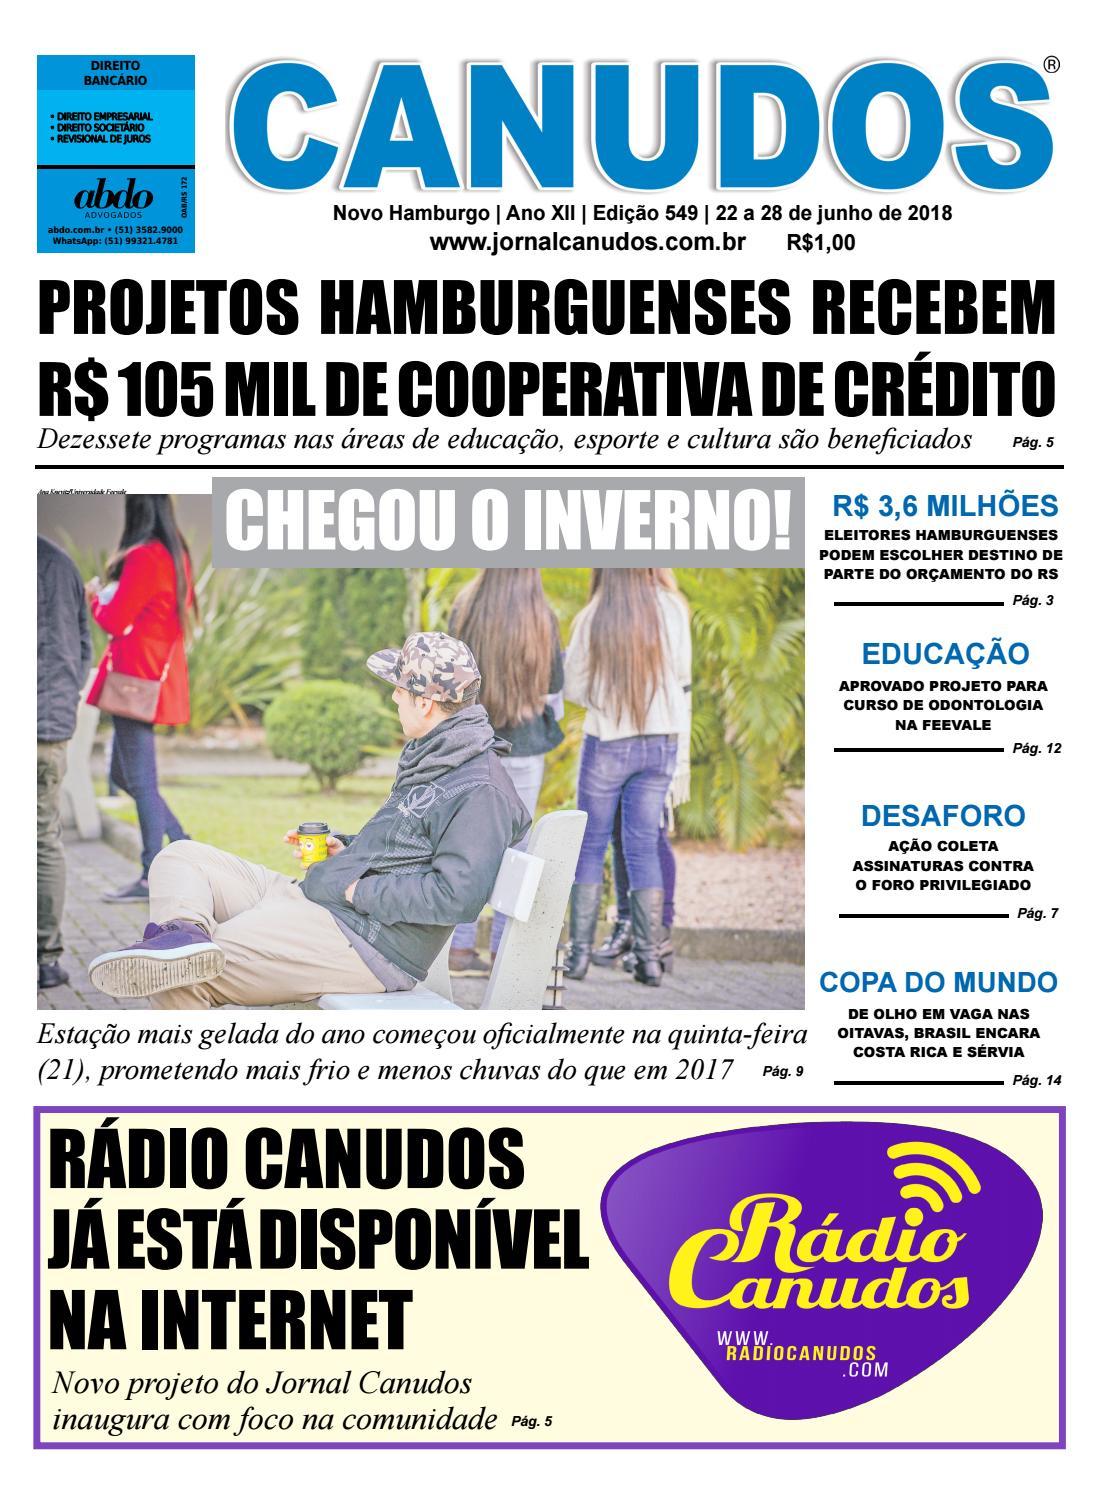 e778d075ac Jornal Canudos - Edição 549 by Jornal Canudos - Comercial - issuu